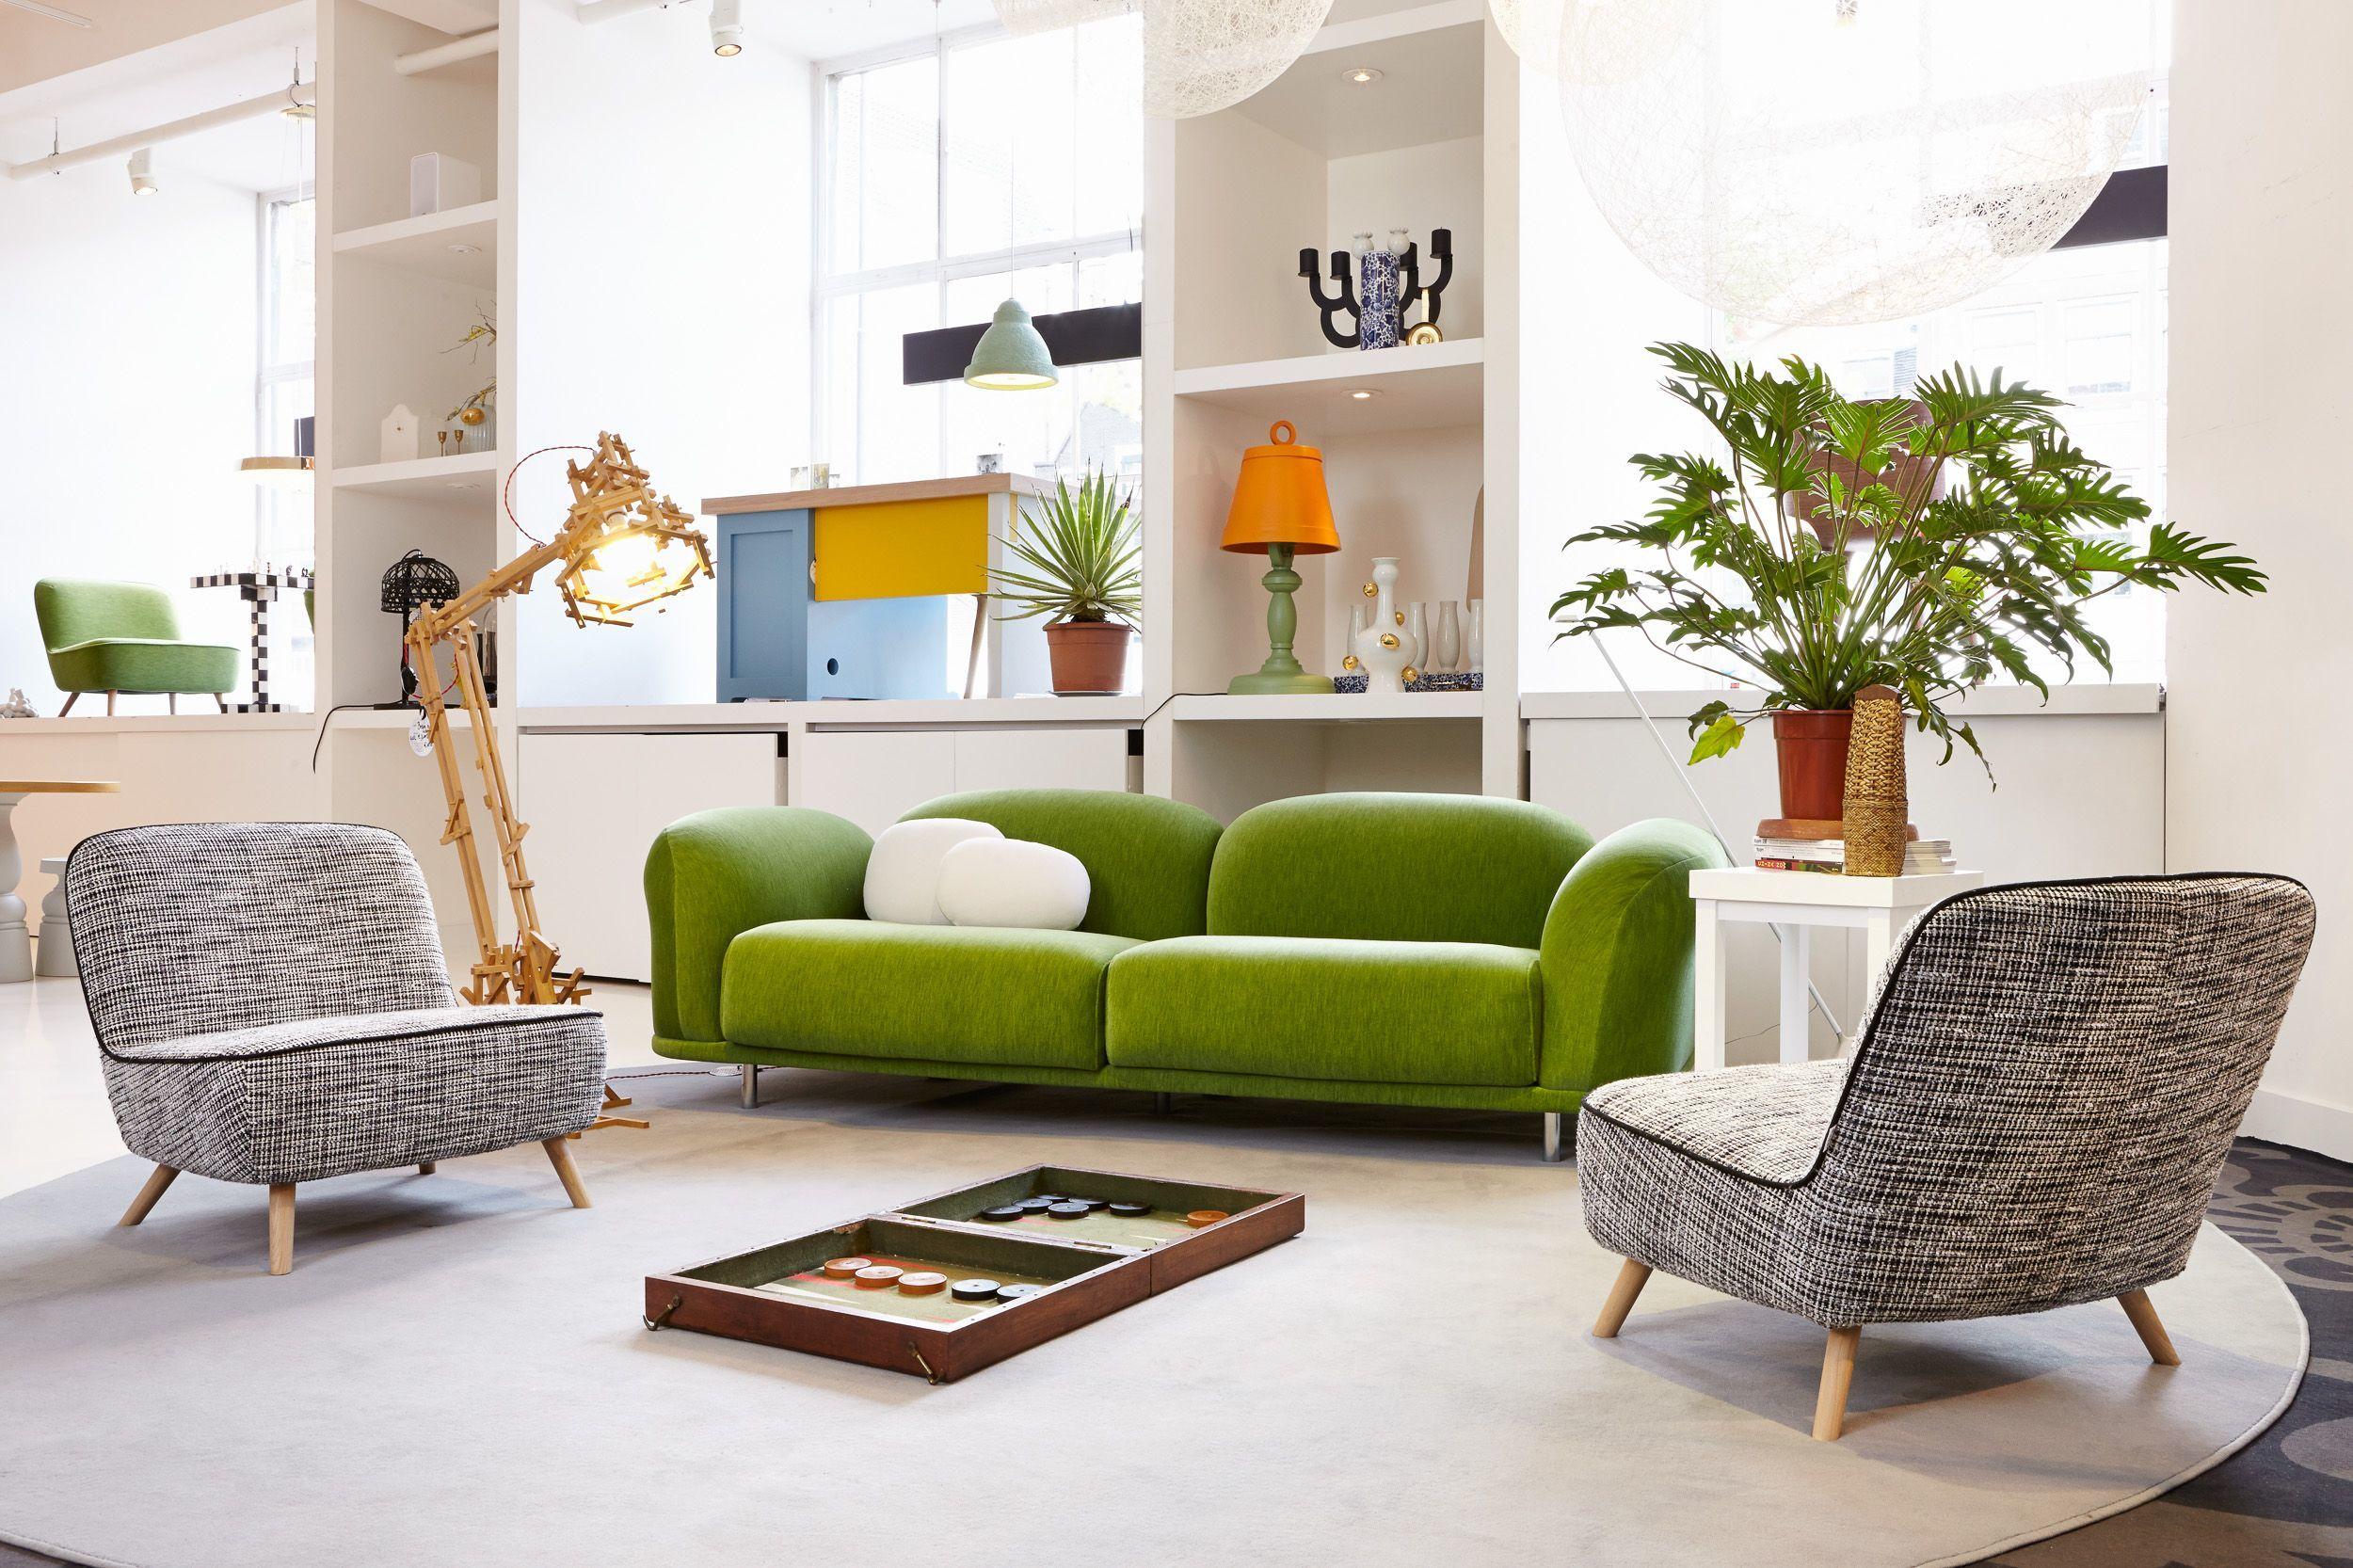 showroom de Moooi en Amsterdam